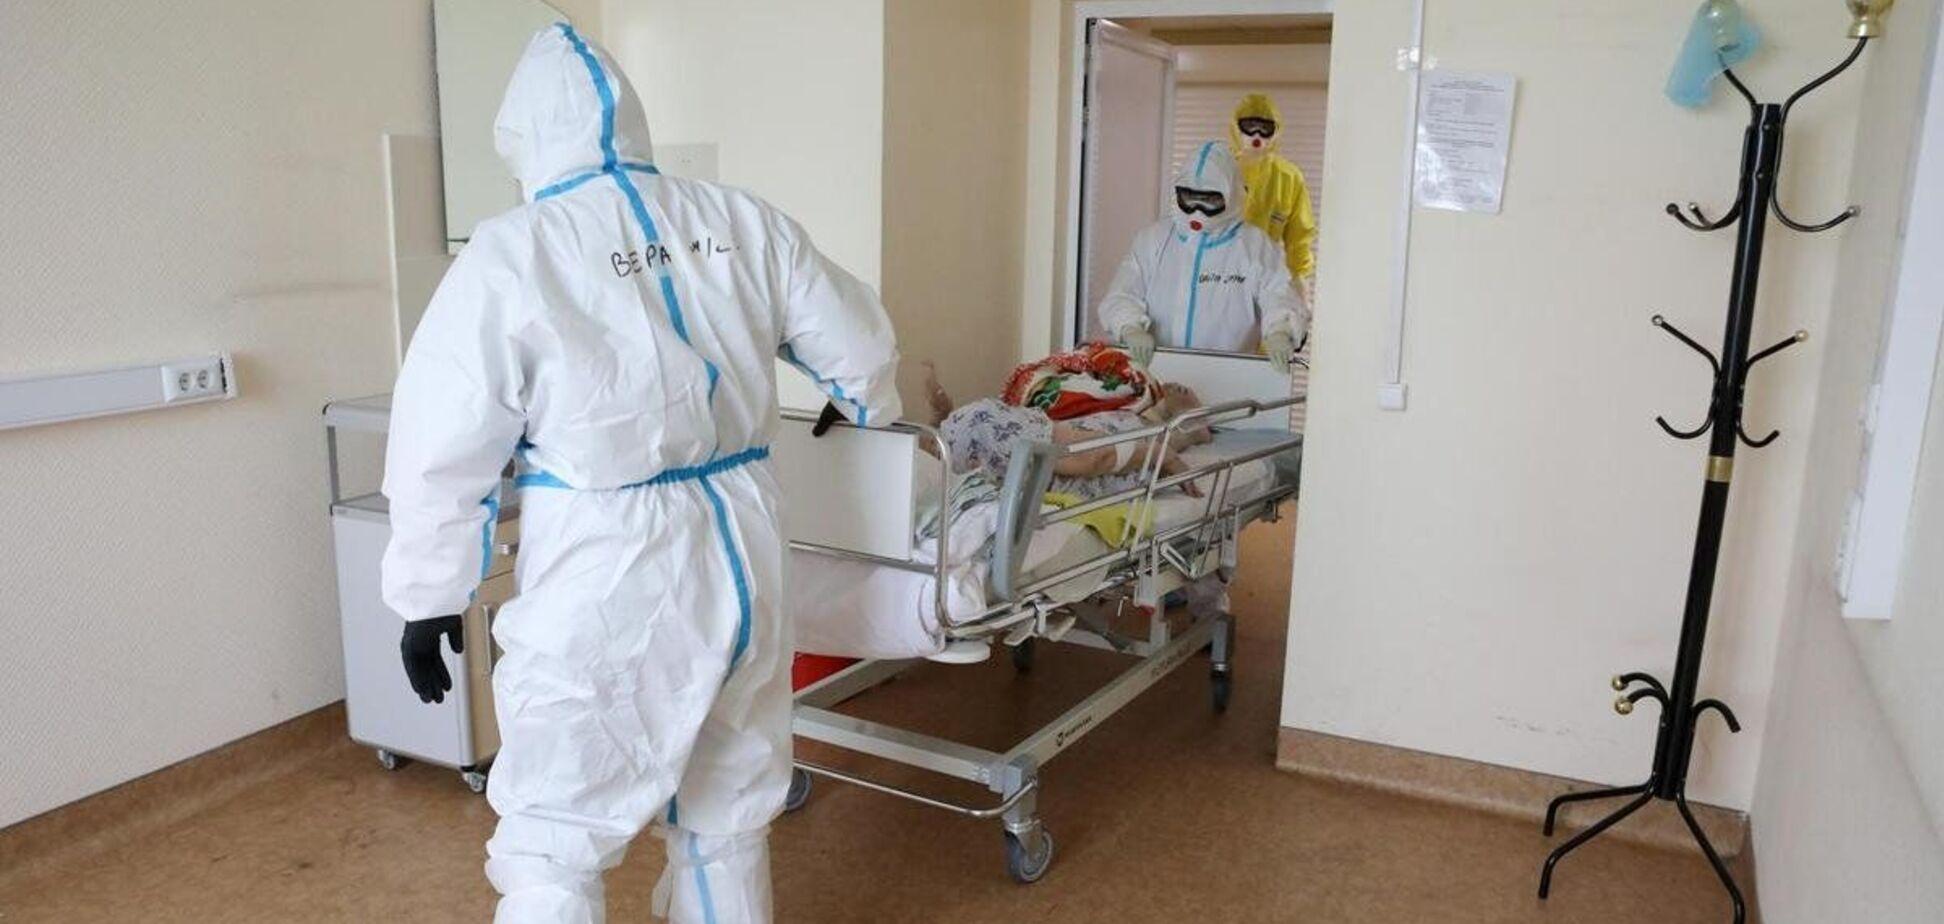 МОЗ контролює ситуацію з ліжками для хворих на коронавірус